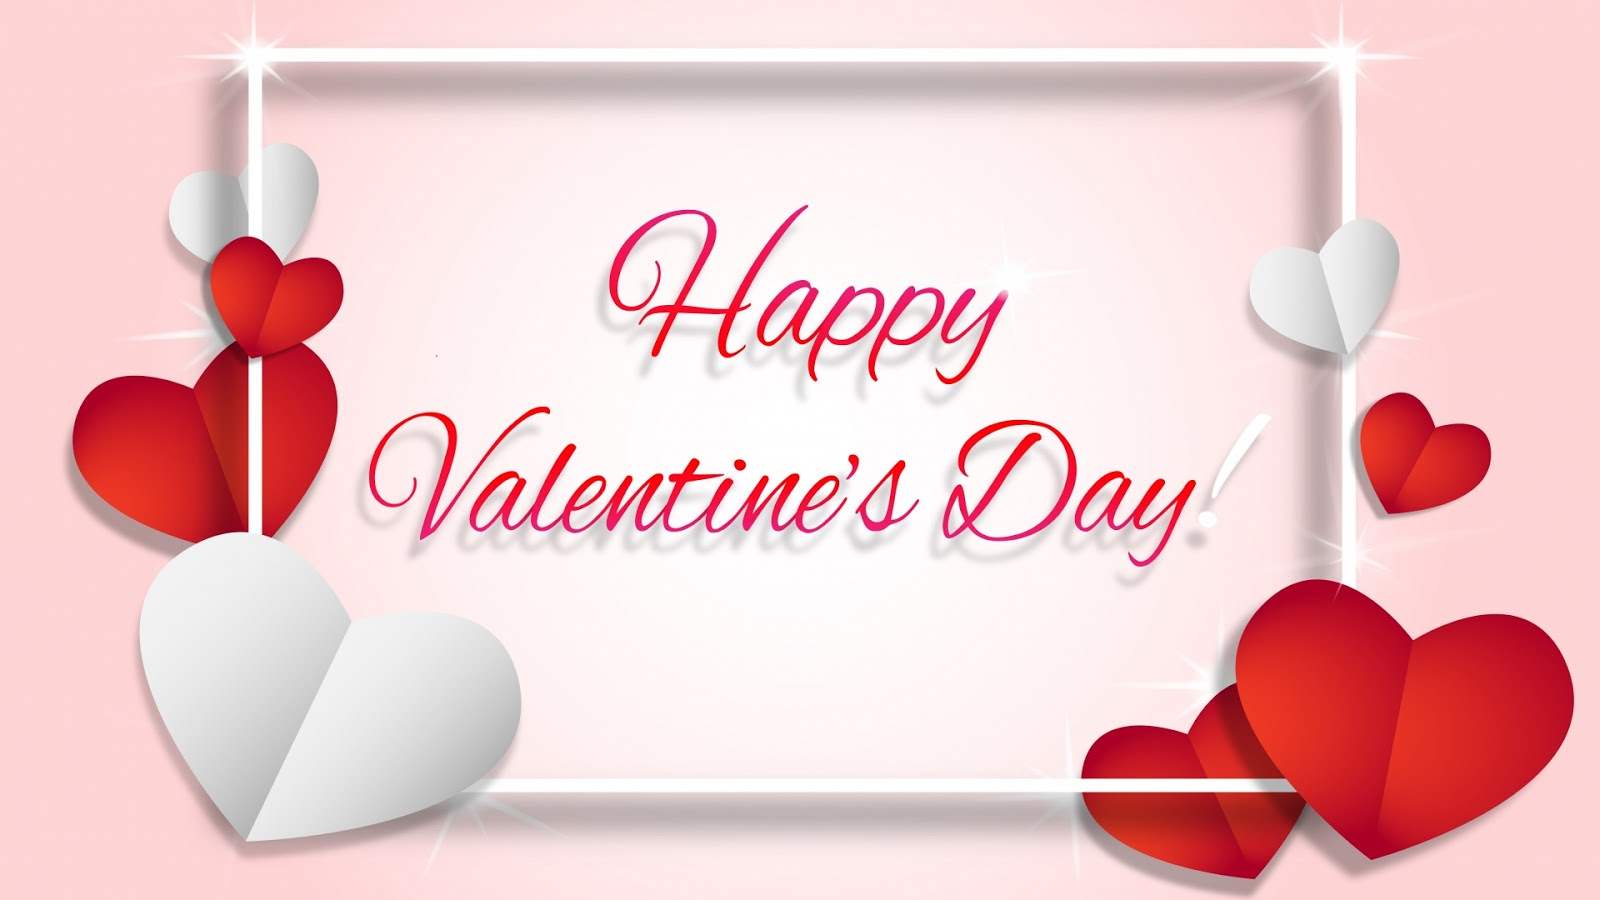 Kata Ucapan Hari Valentine Buat Pacar Teromantis Trending Topic